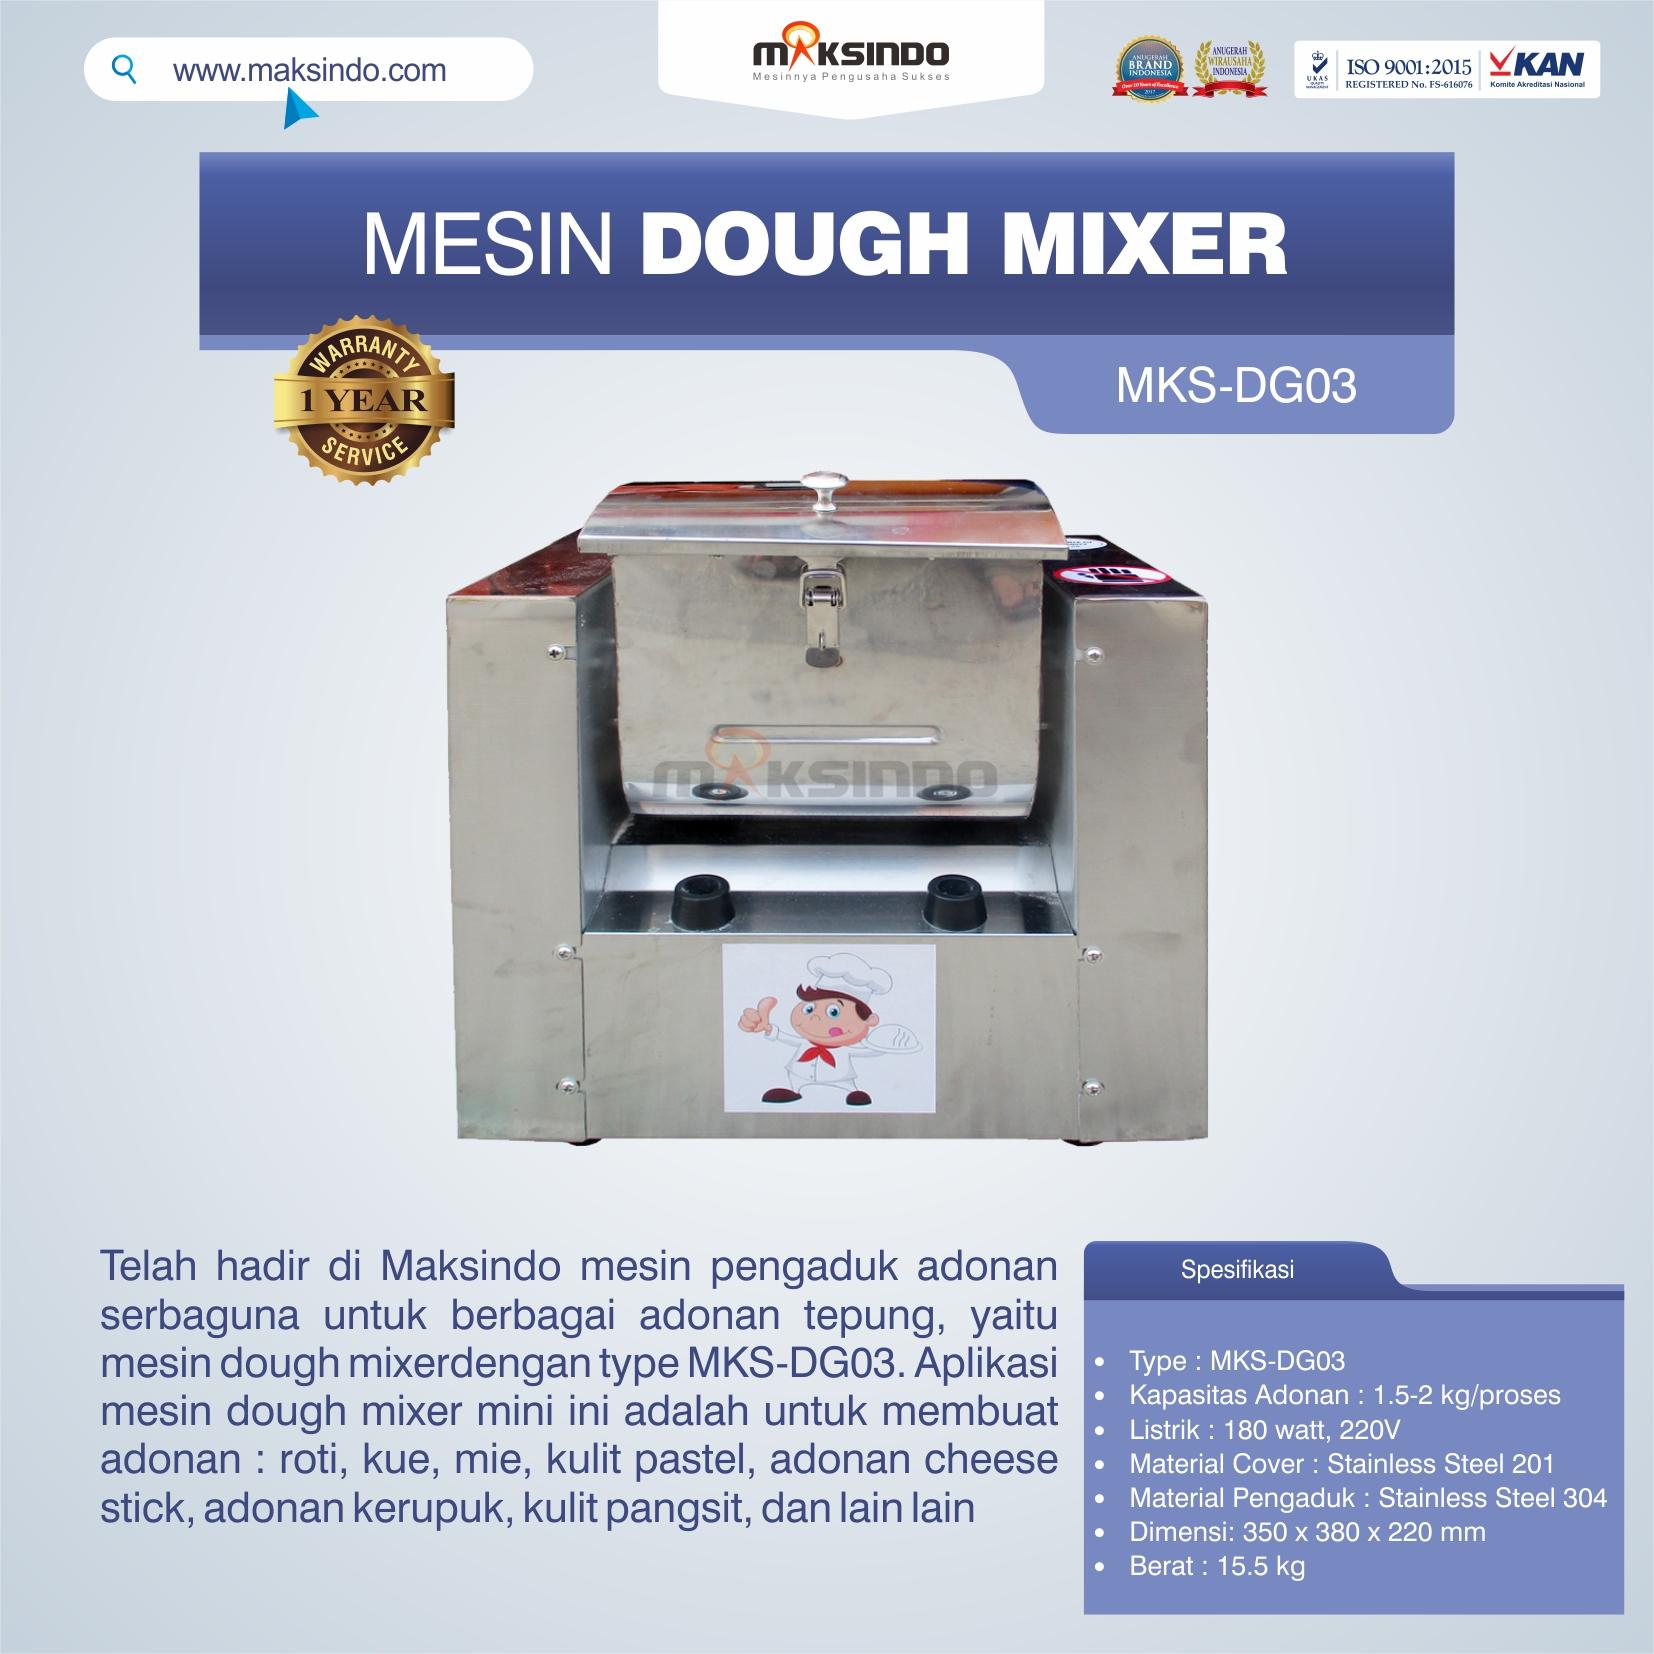 Jual Mesin Dough Mixer MKS-DG03 di Palembang